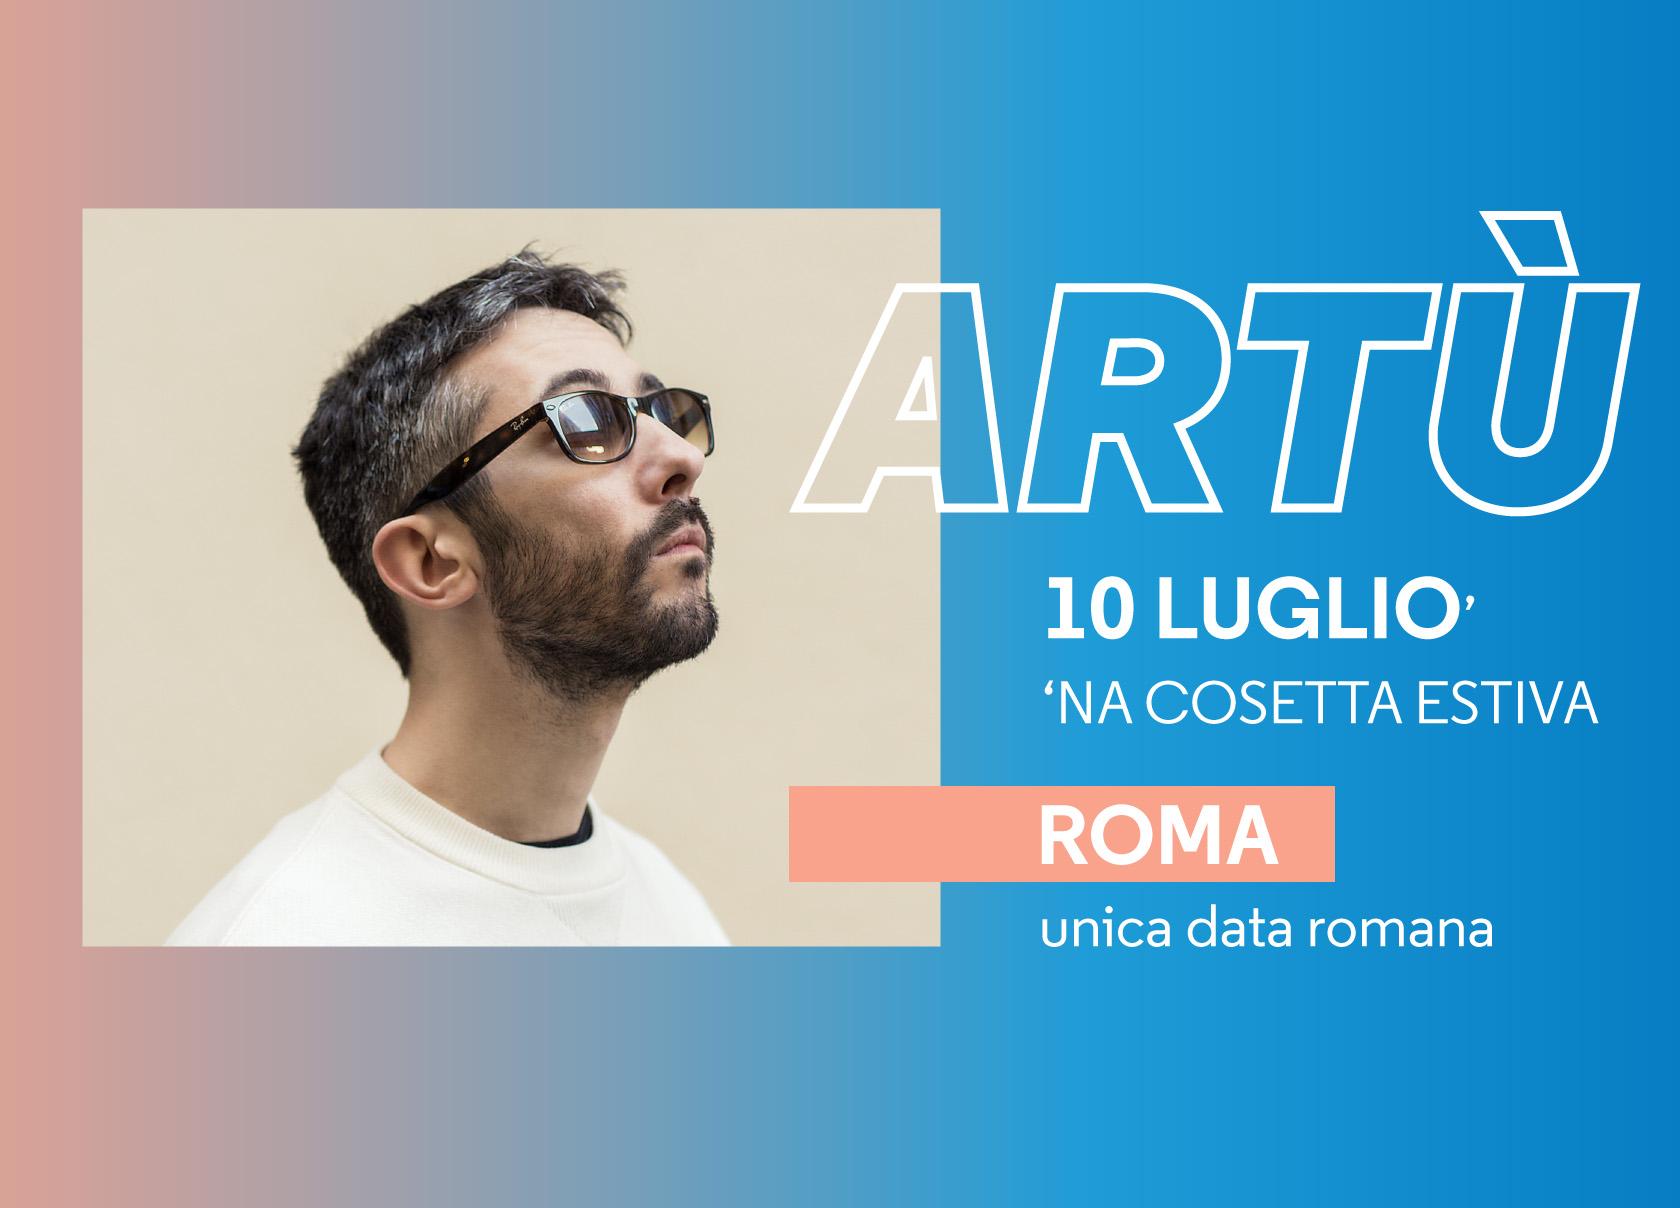 """INTERVISTA Artu  """"Il mio prossimo sogno è quello di scrivere con Vasco  Rossi"""" 48b5324cda"""